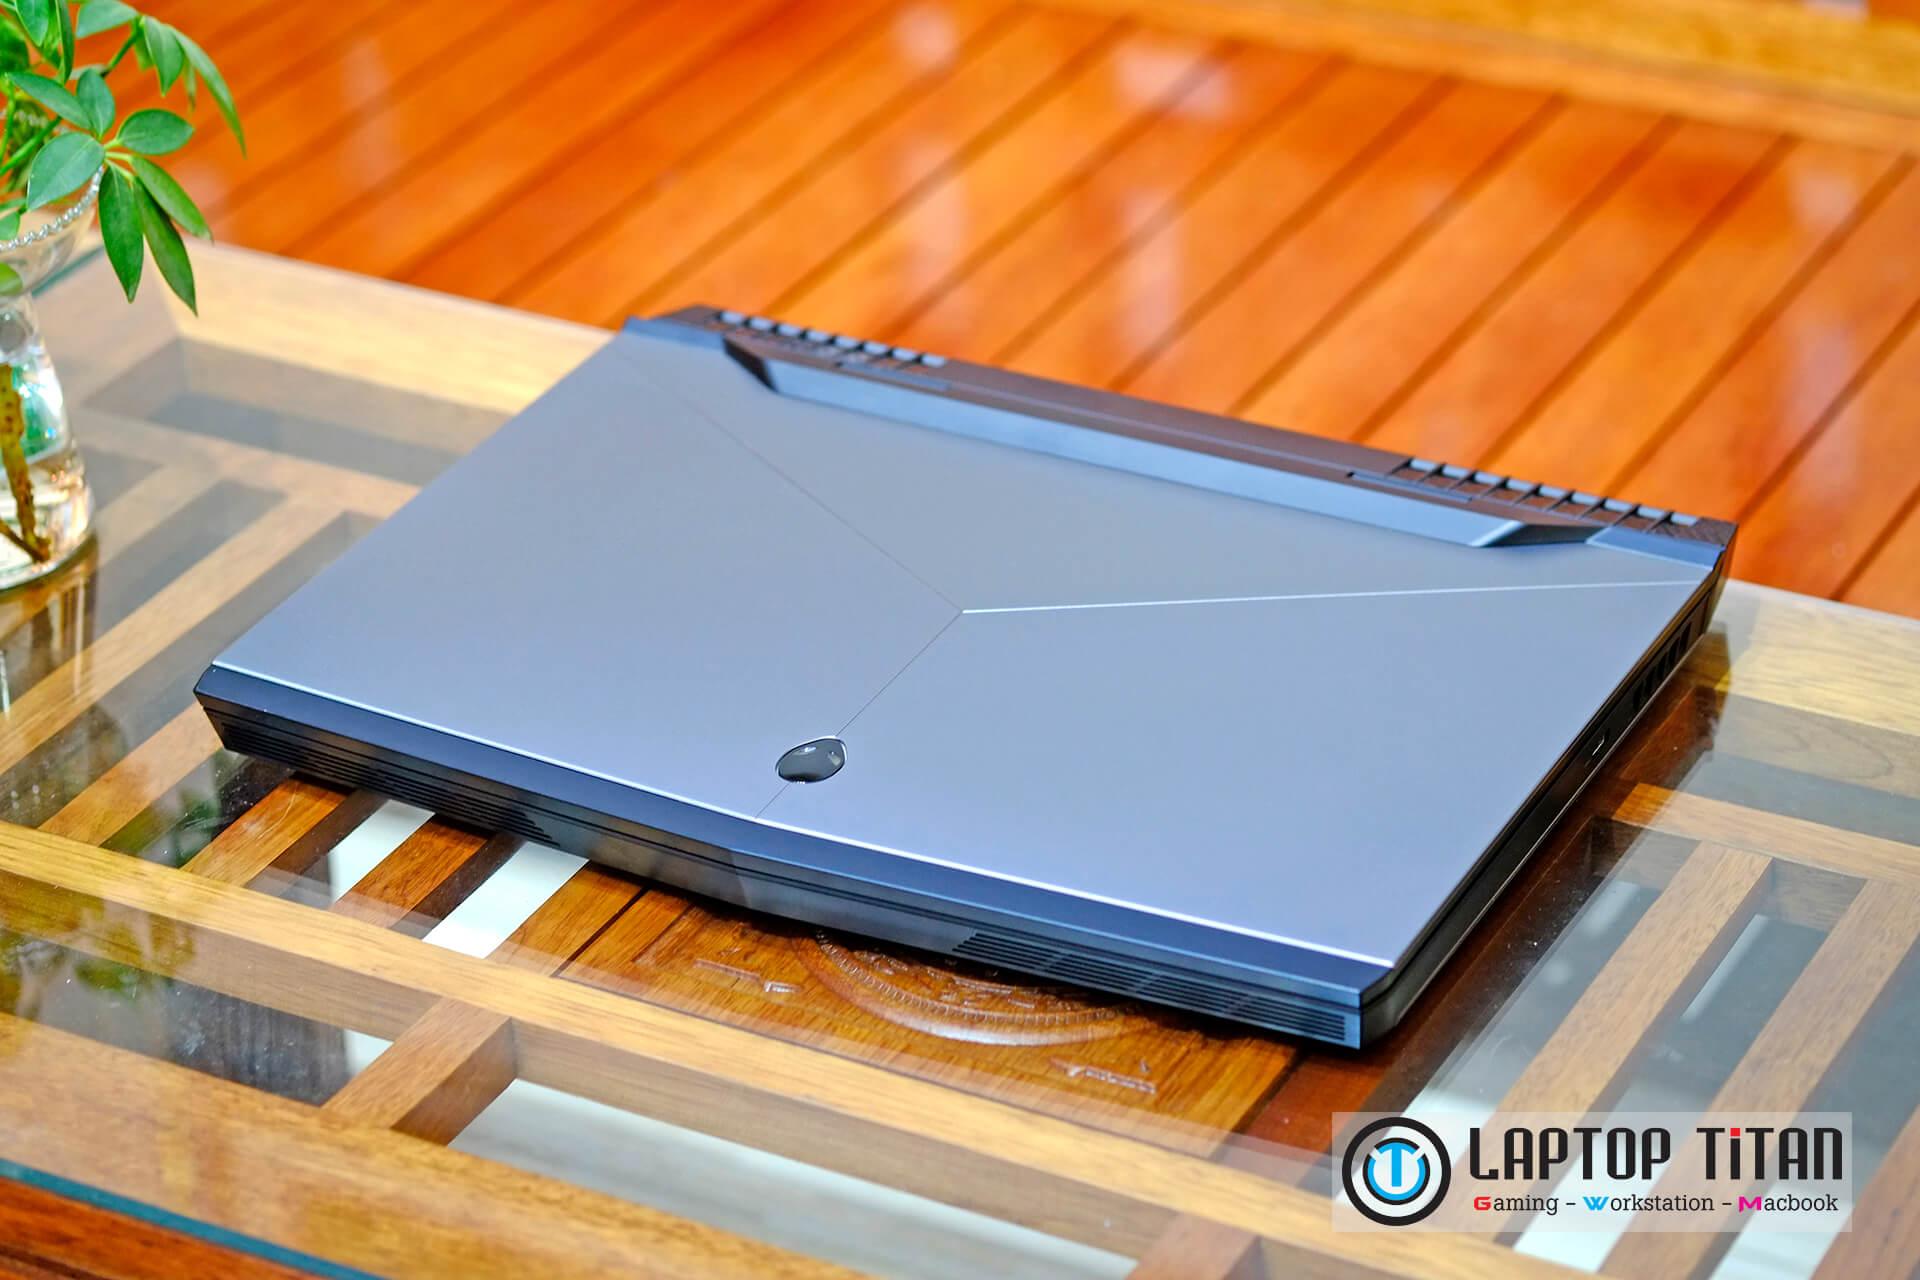 Dell Alienware 17 R4 laptoptitan 001 1